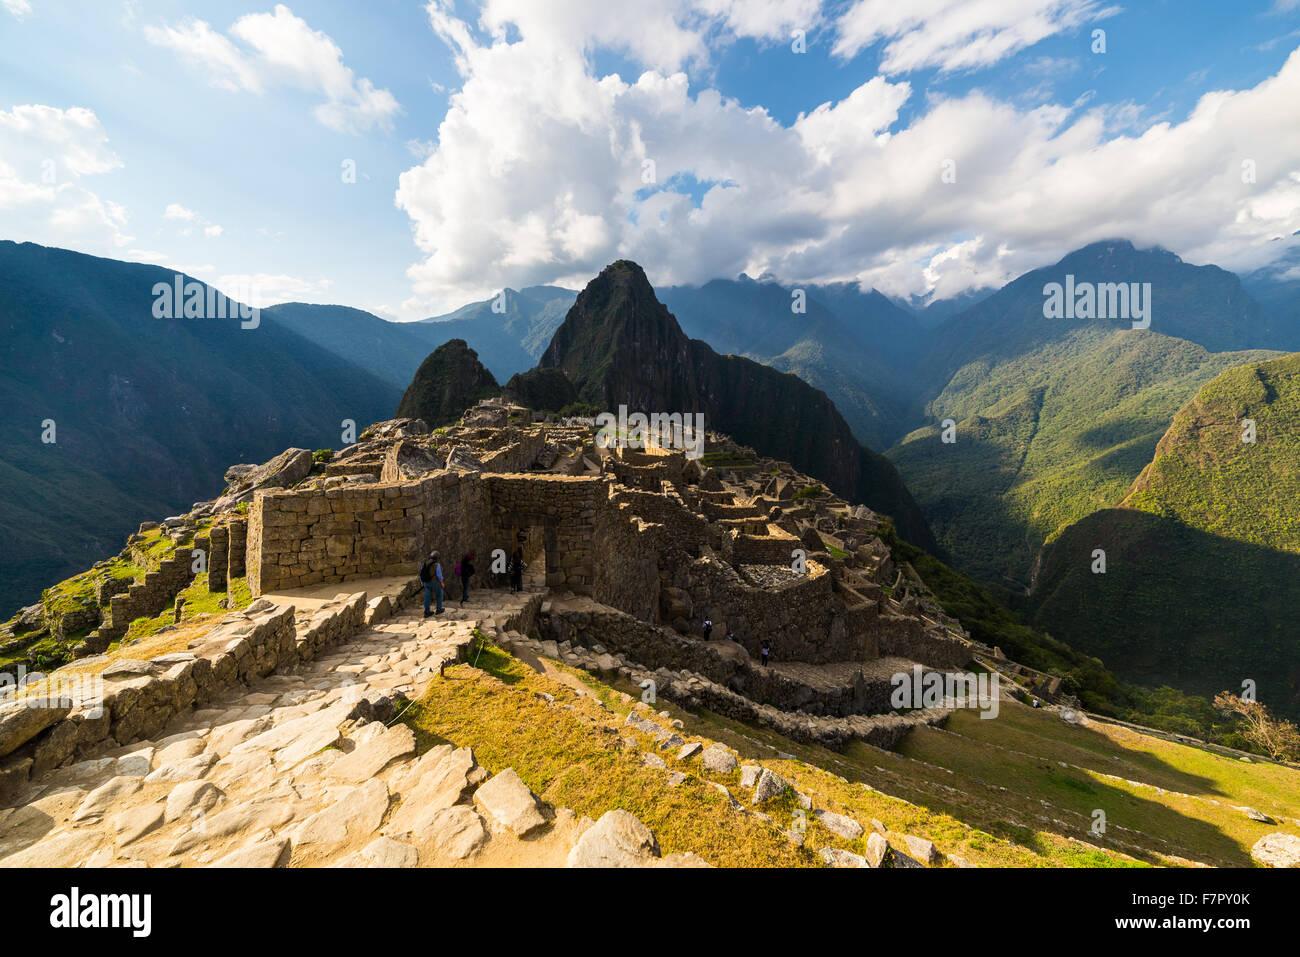 Machu Picchu teilweise durch das letzte Sonnenlicht beleuchtet. Weitwinkel-Blick von den Terrassen mit malerischen Stockbild